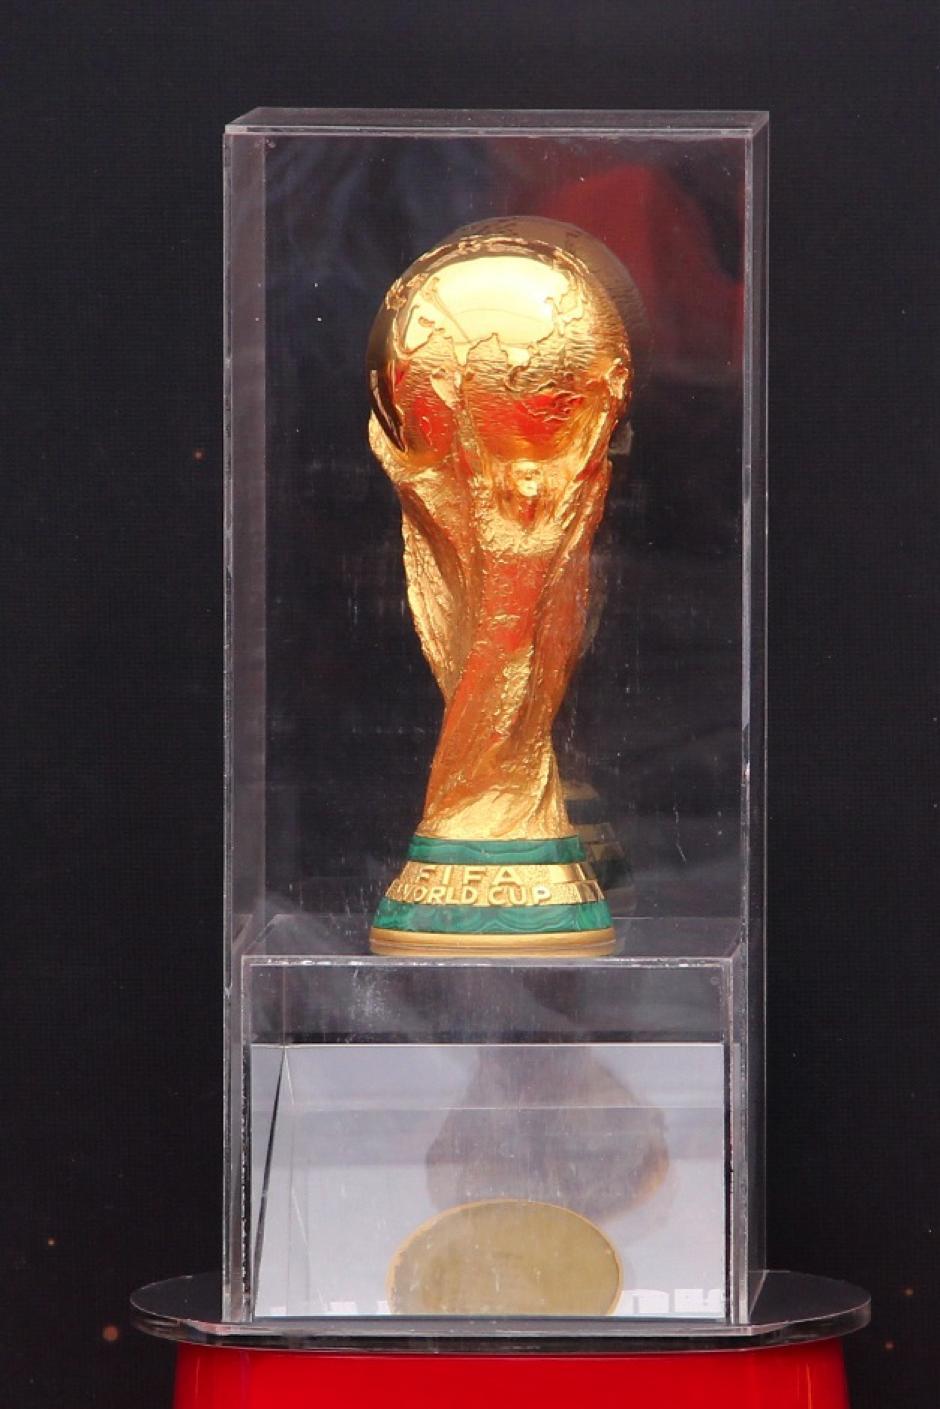 El trofeo de la Copa del Mundo será expuesto en esta urna, en el Parque de la Industria, en la zona 9 capitalina. (Foto: Luis Barrios/Soy502)